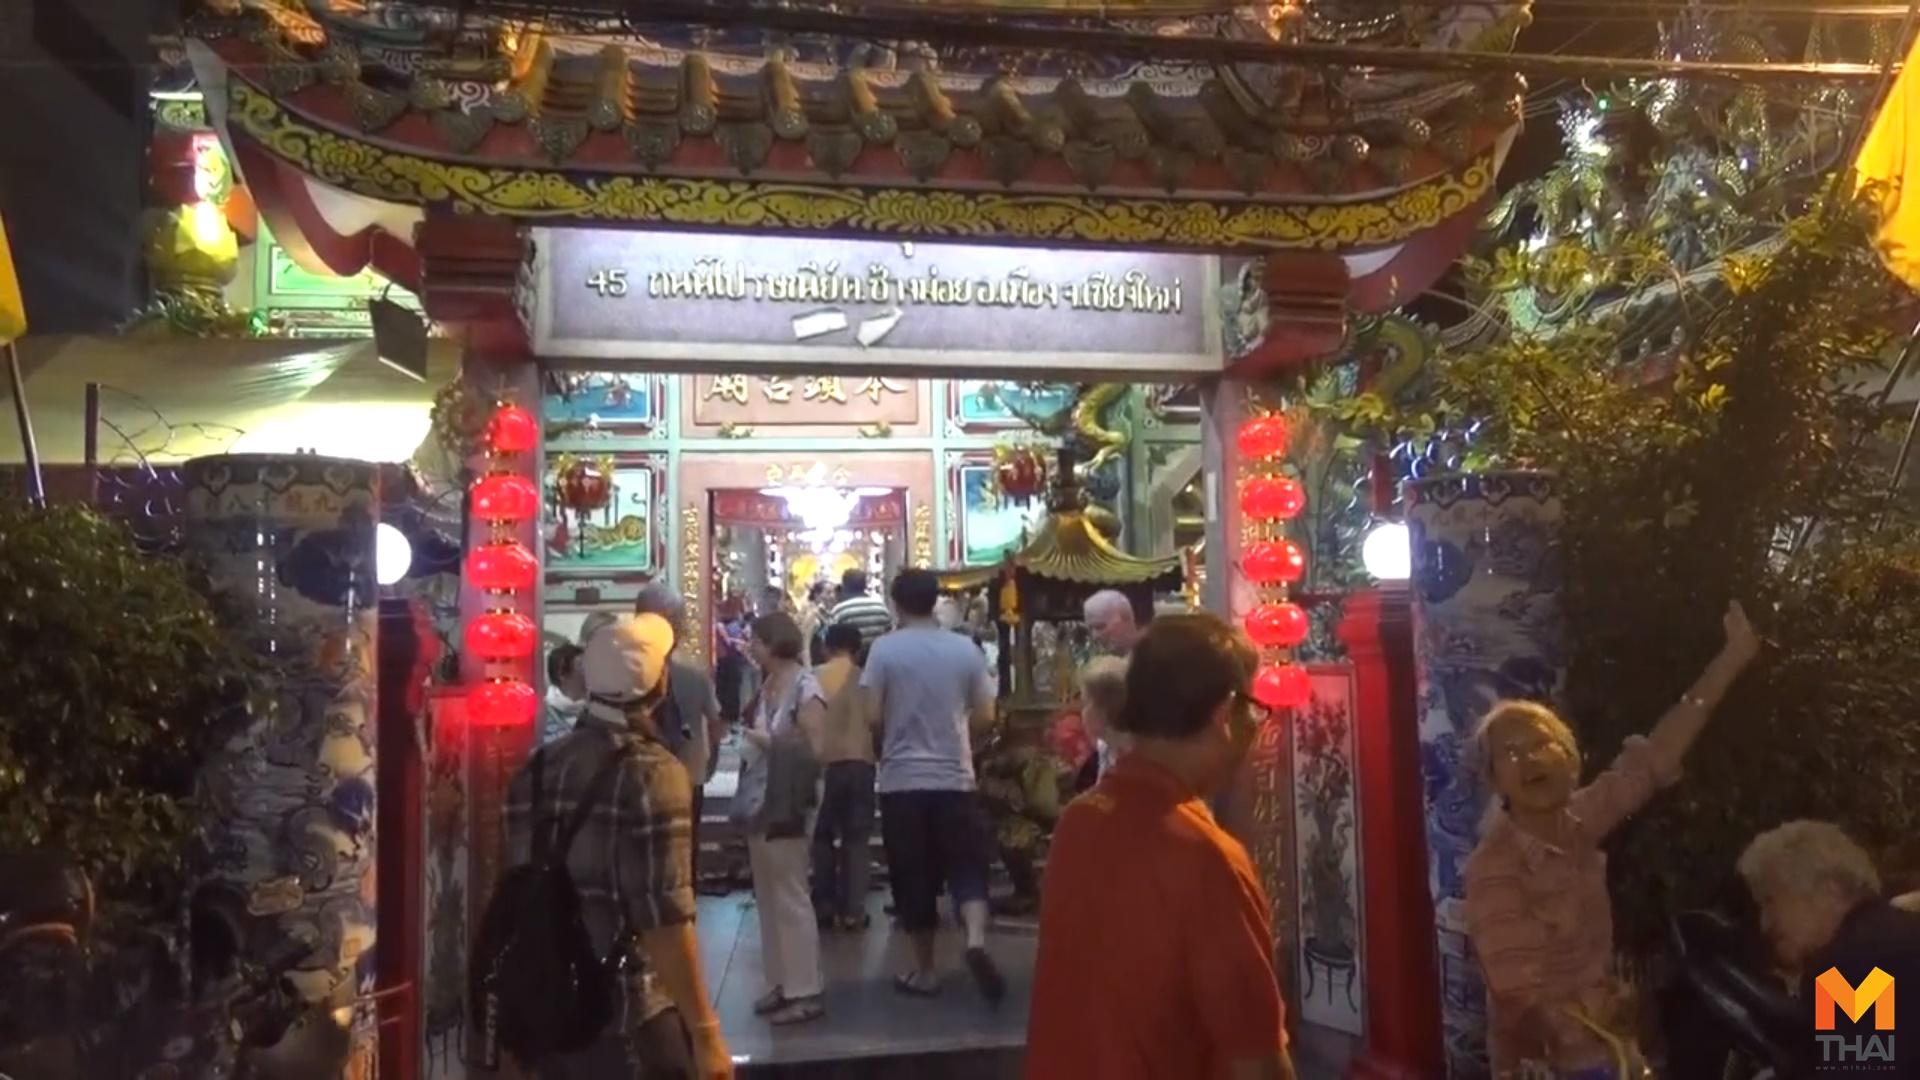 ข่าวภูมิภาค ตรุษจีน วันปีใหม่จีน ศาลเจ้าปุงเถ่ากง